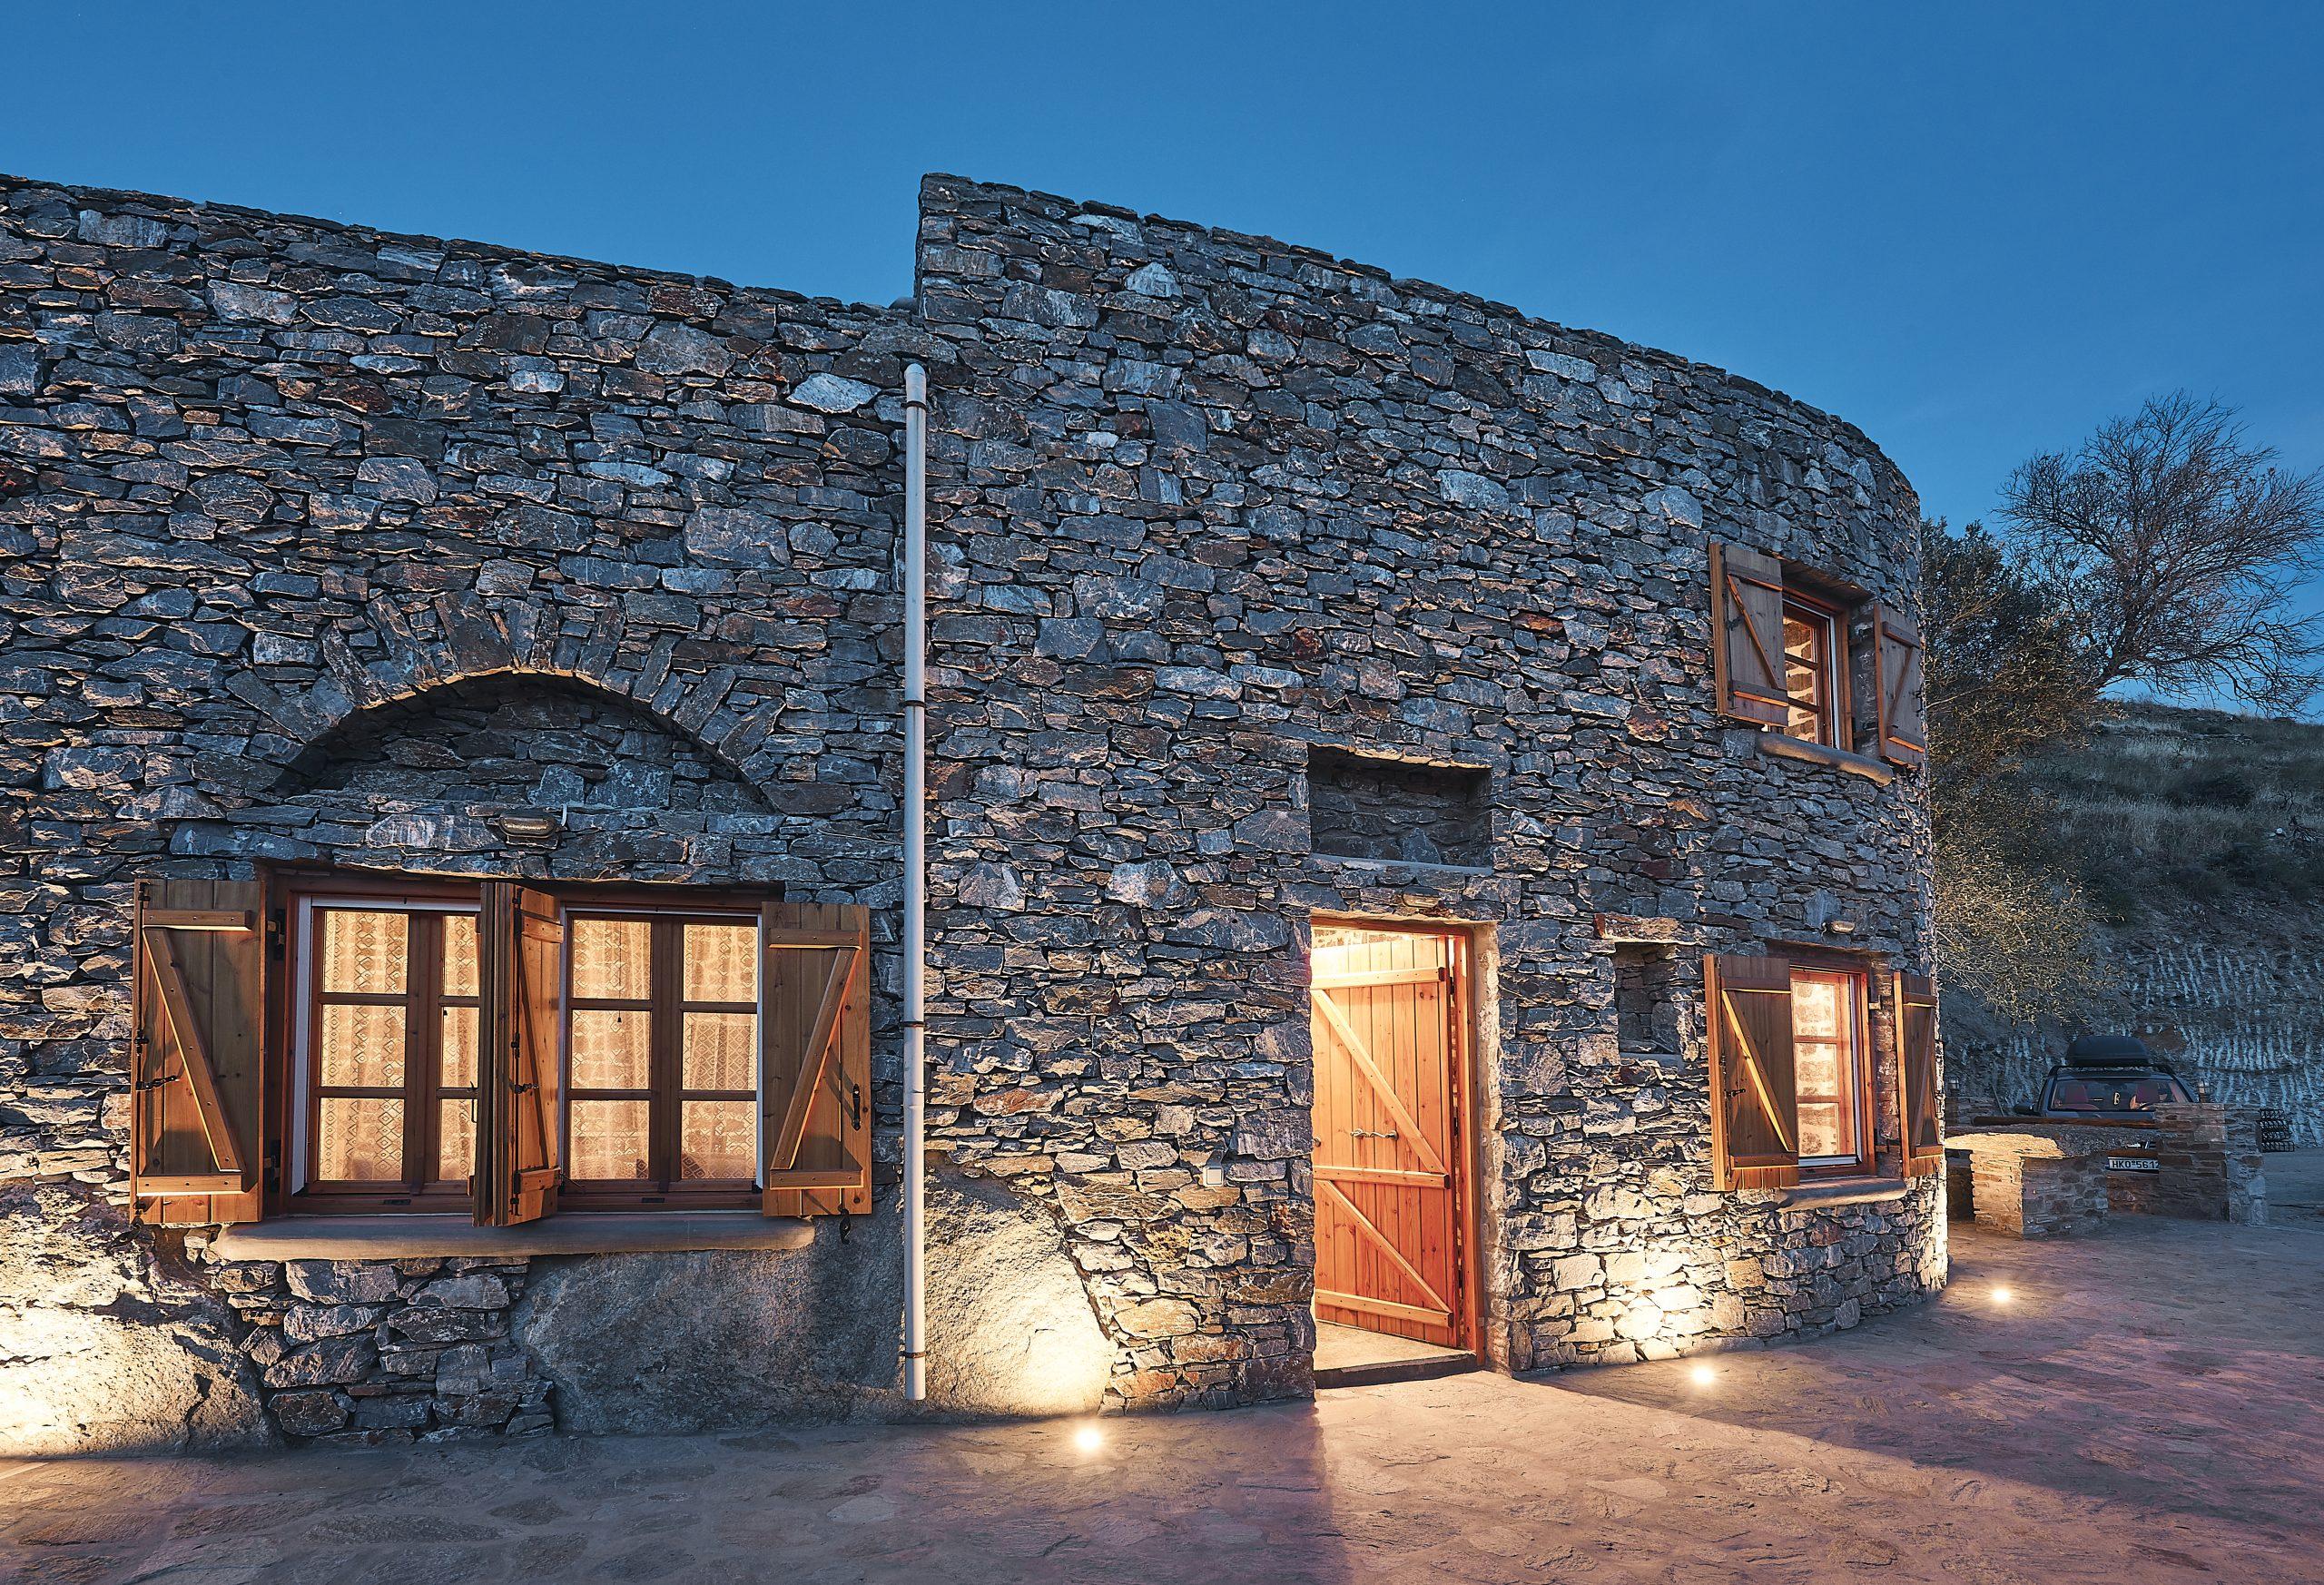 Villa Monadi kythnos